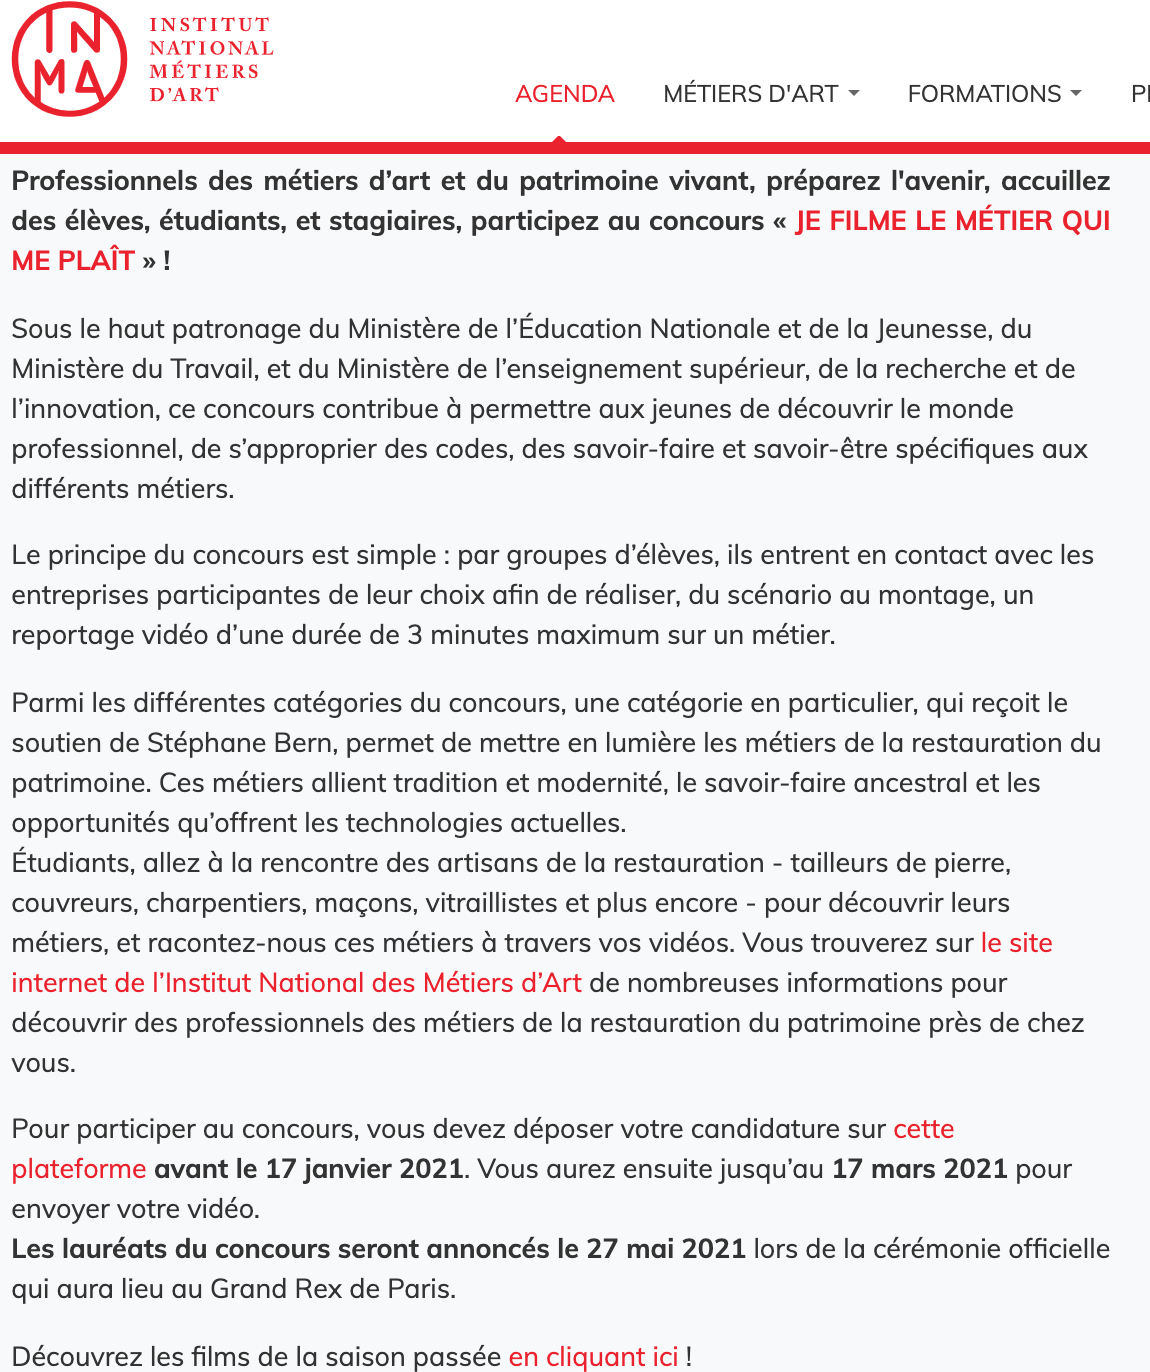 Institut National des Métiers d'Arts - 05/01/2021